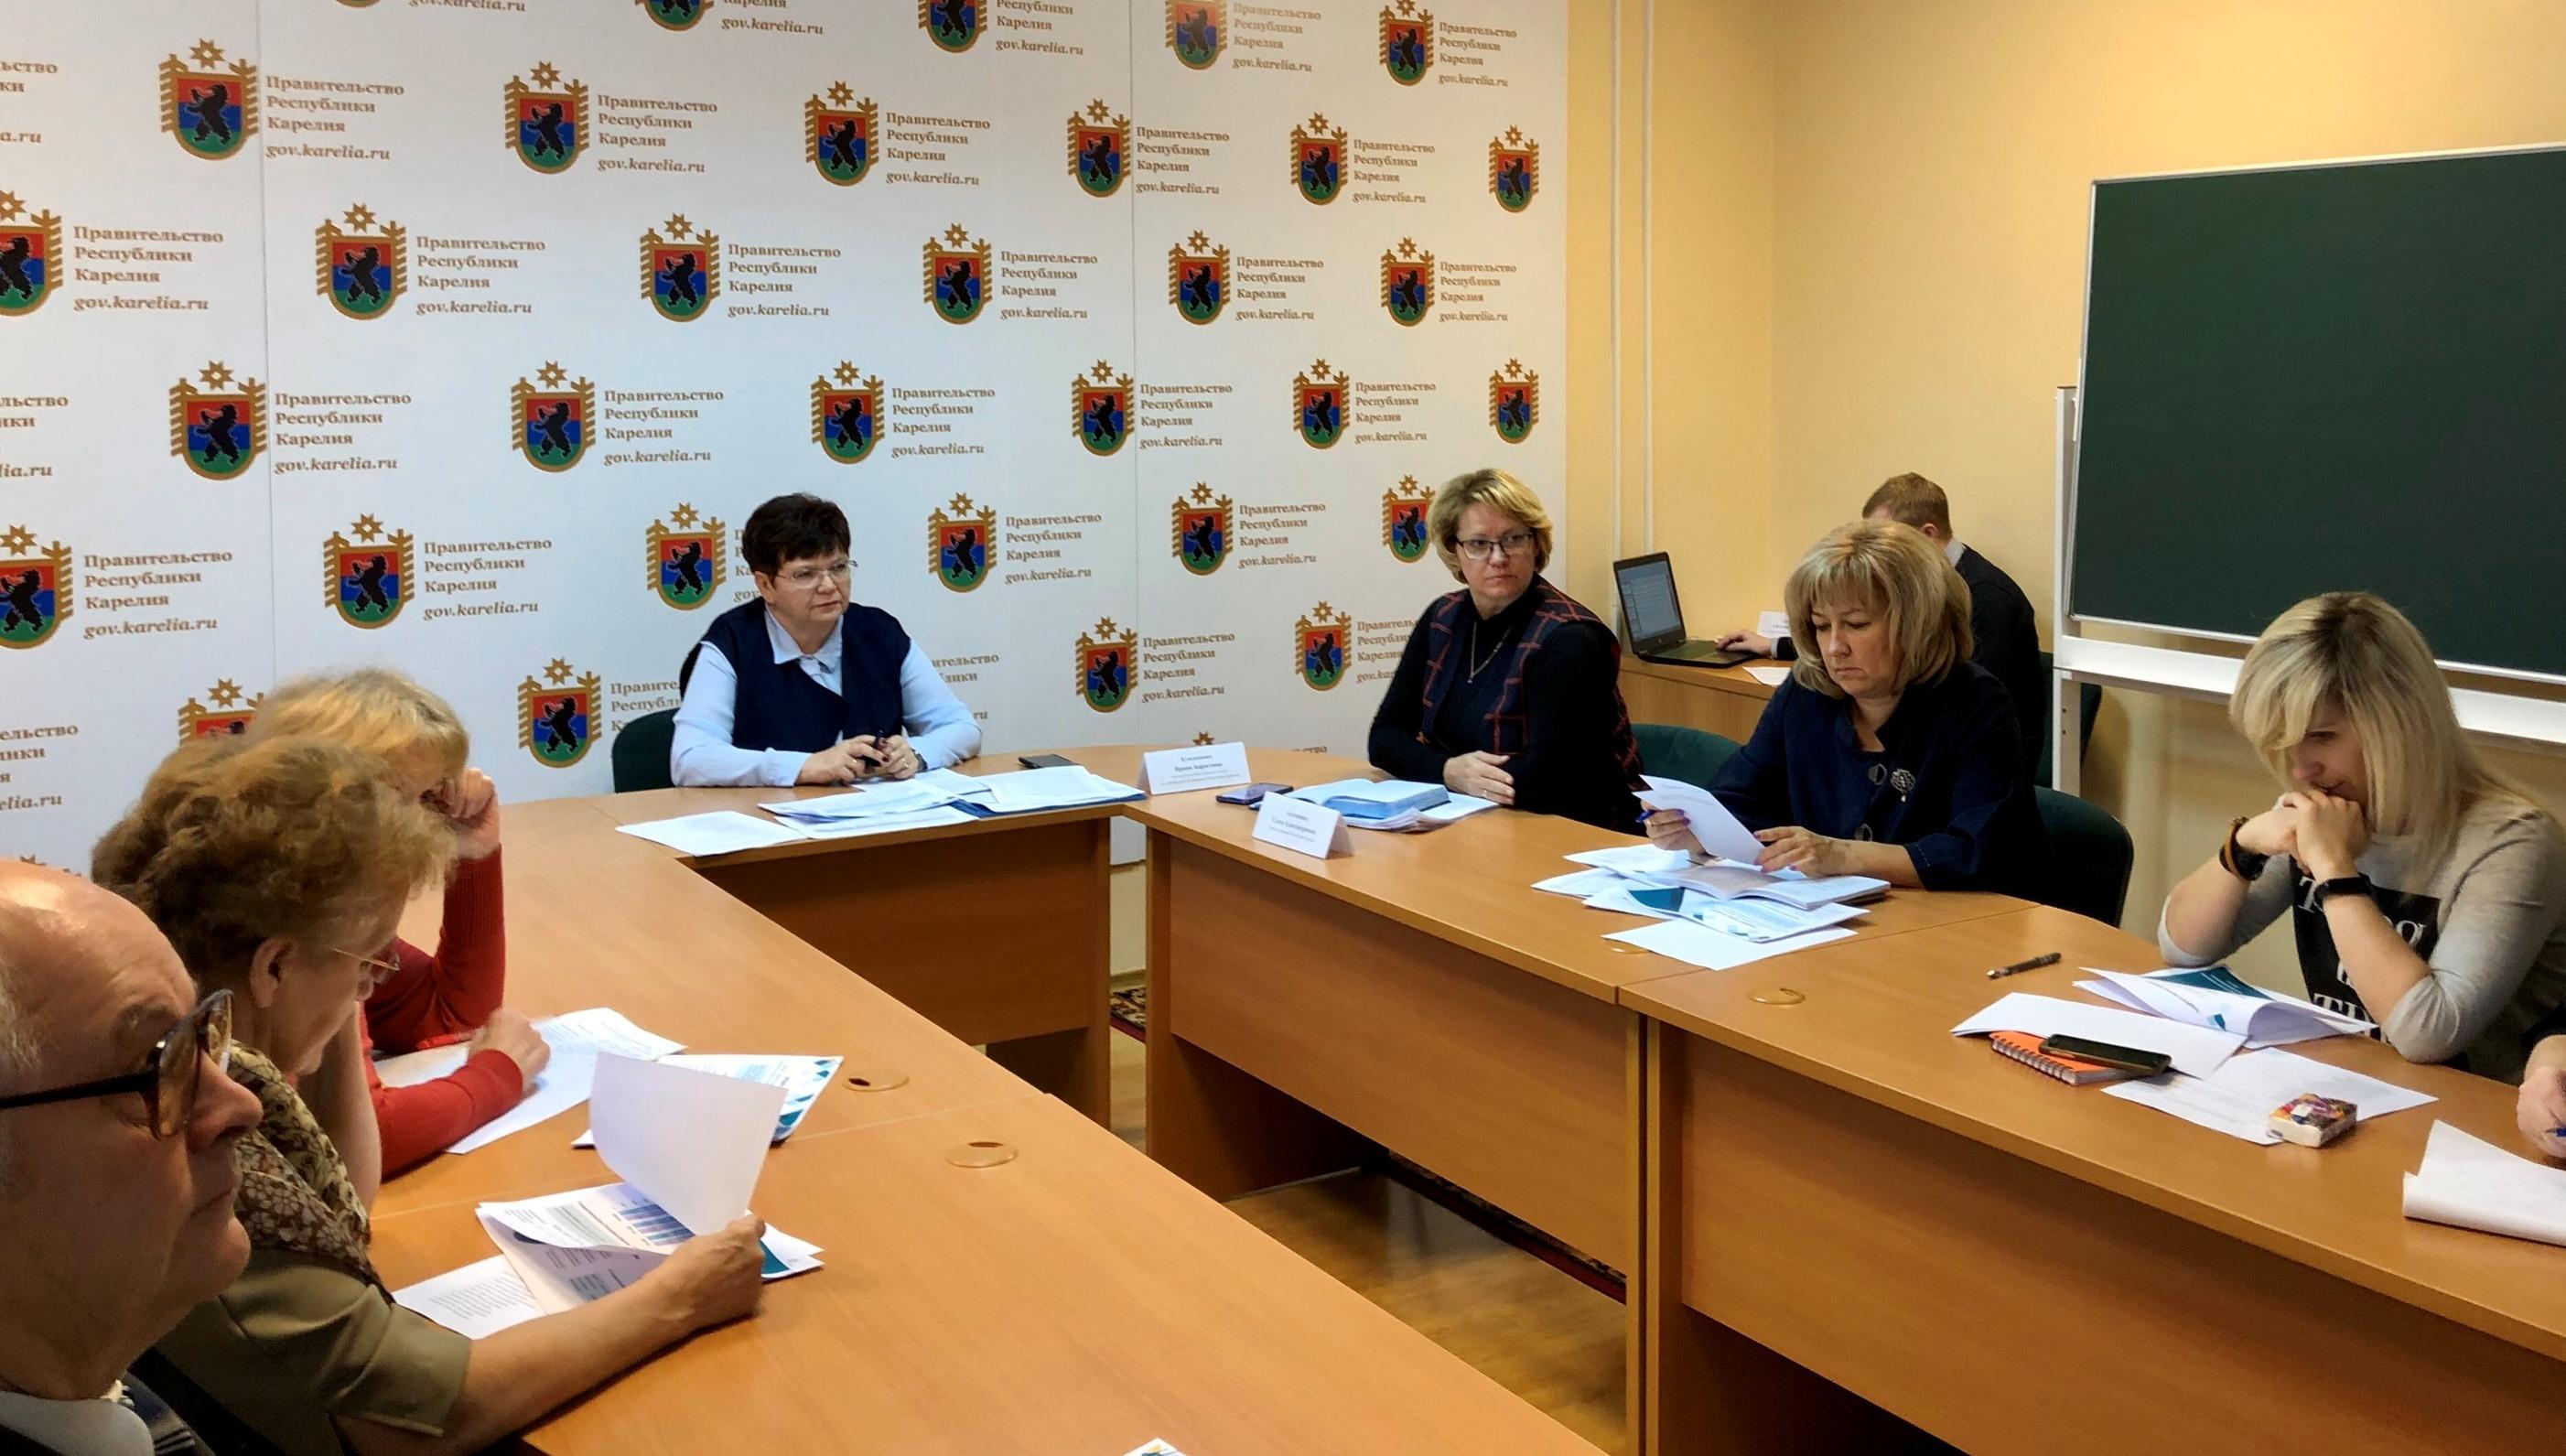 Проект бюджета Республики Карелия на 2020-2022 годы рассмотрен на заседании Общественного совета при Минфине Карелии